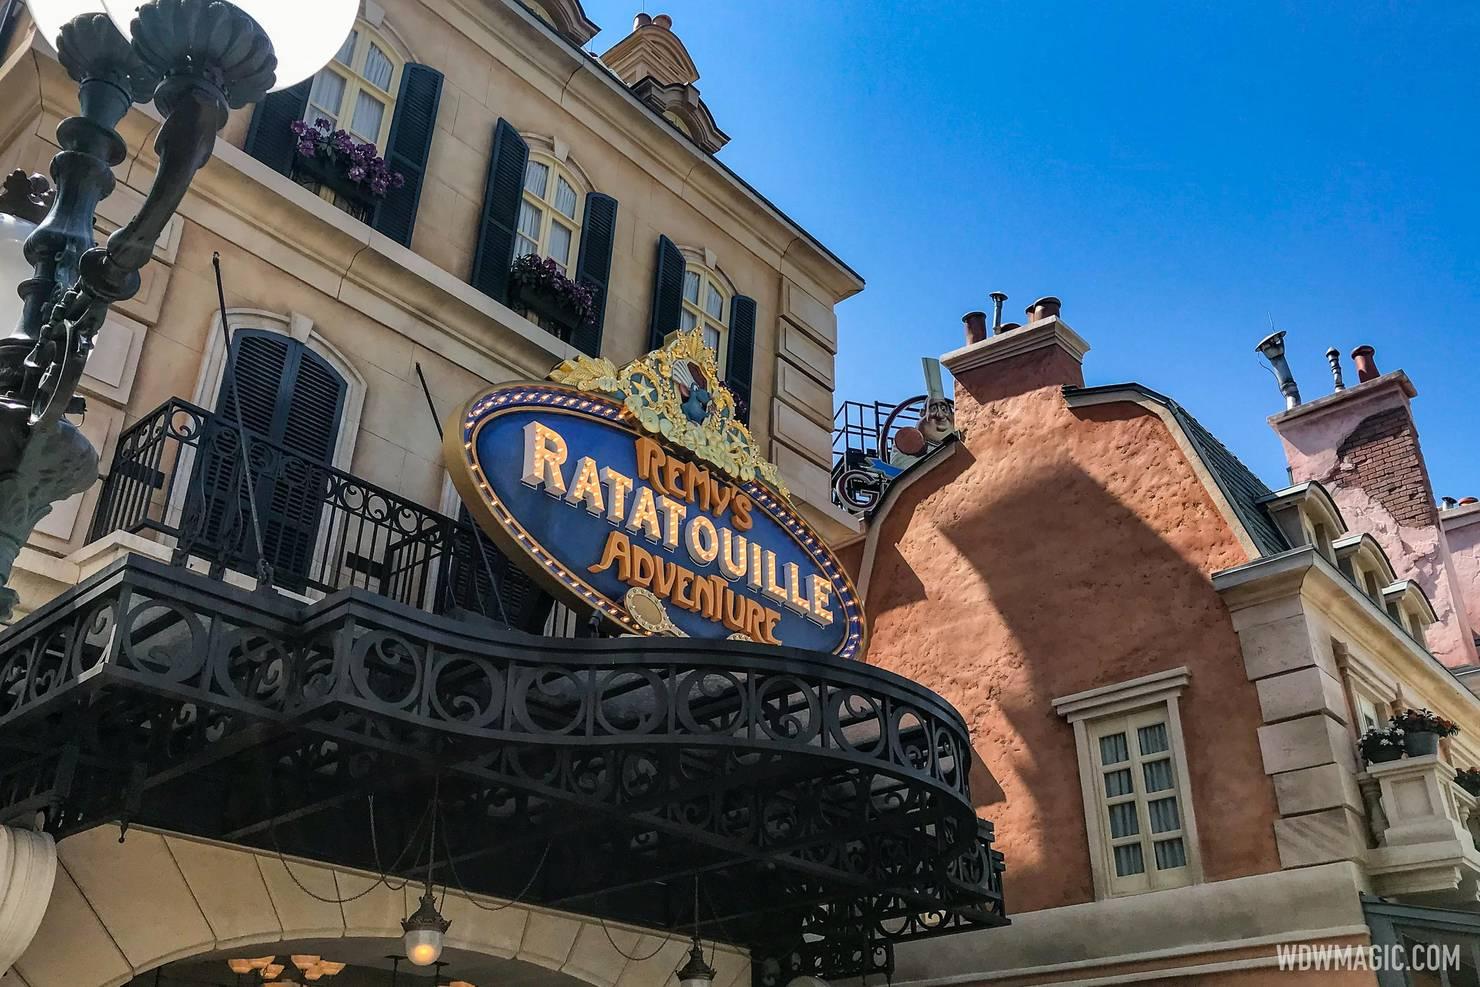 Inside Remy's Ratatouille Adventure - Cast Member previews